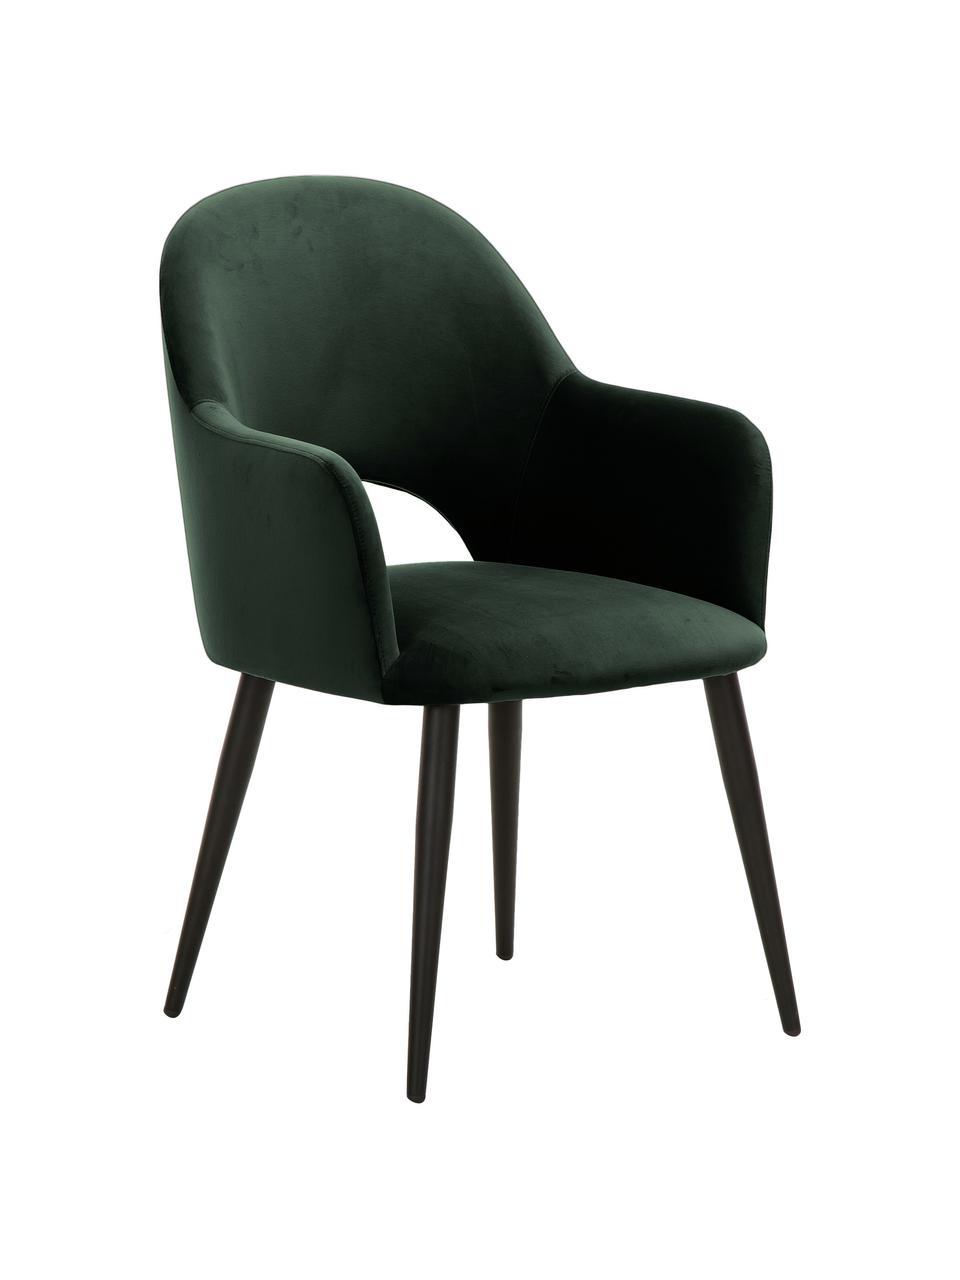 Chaise rembourrée velours vert Rachel, Velours vert foncé